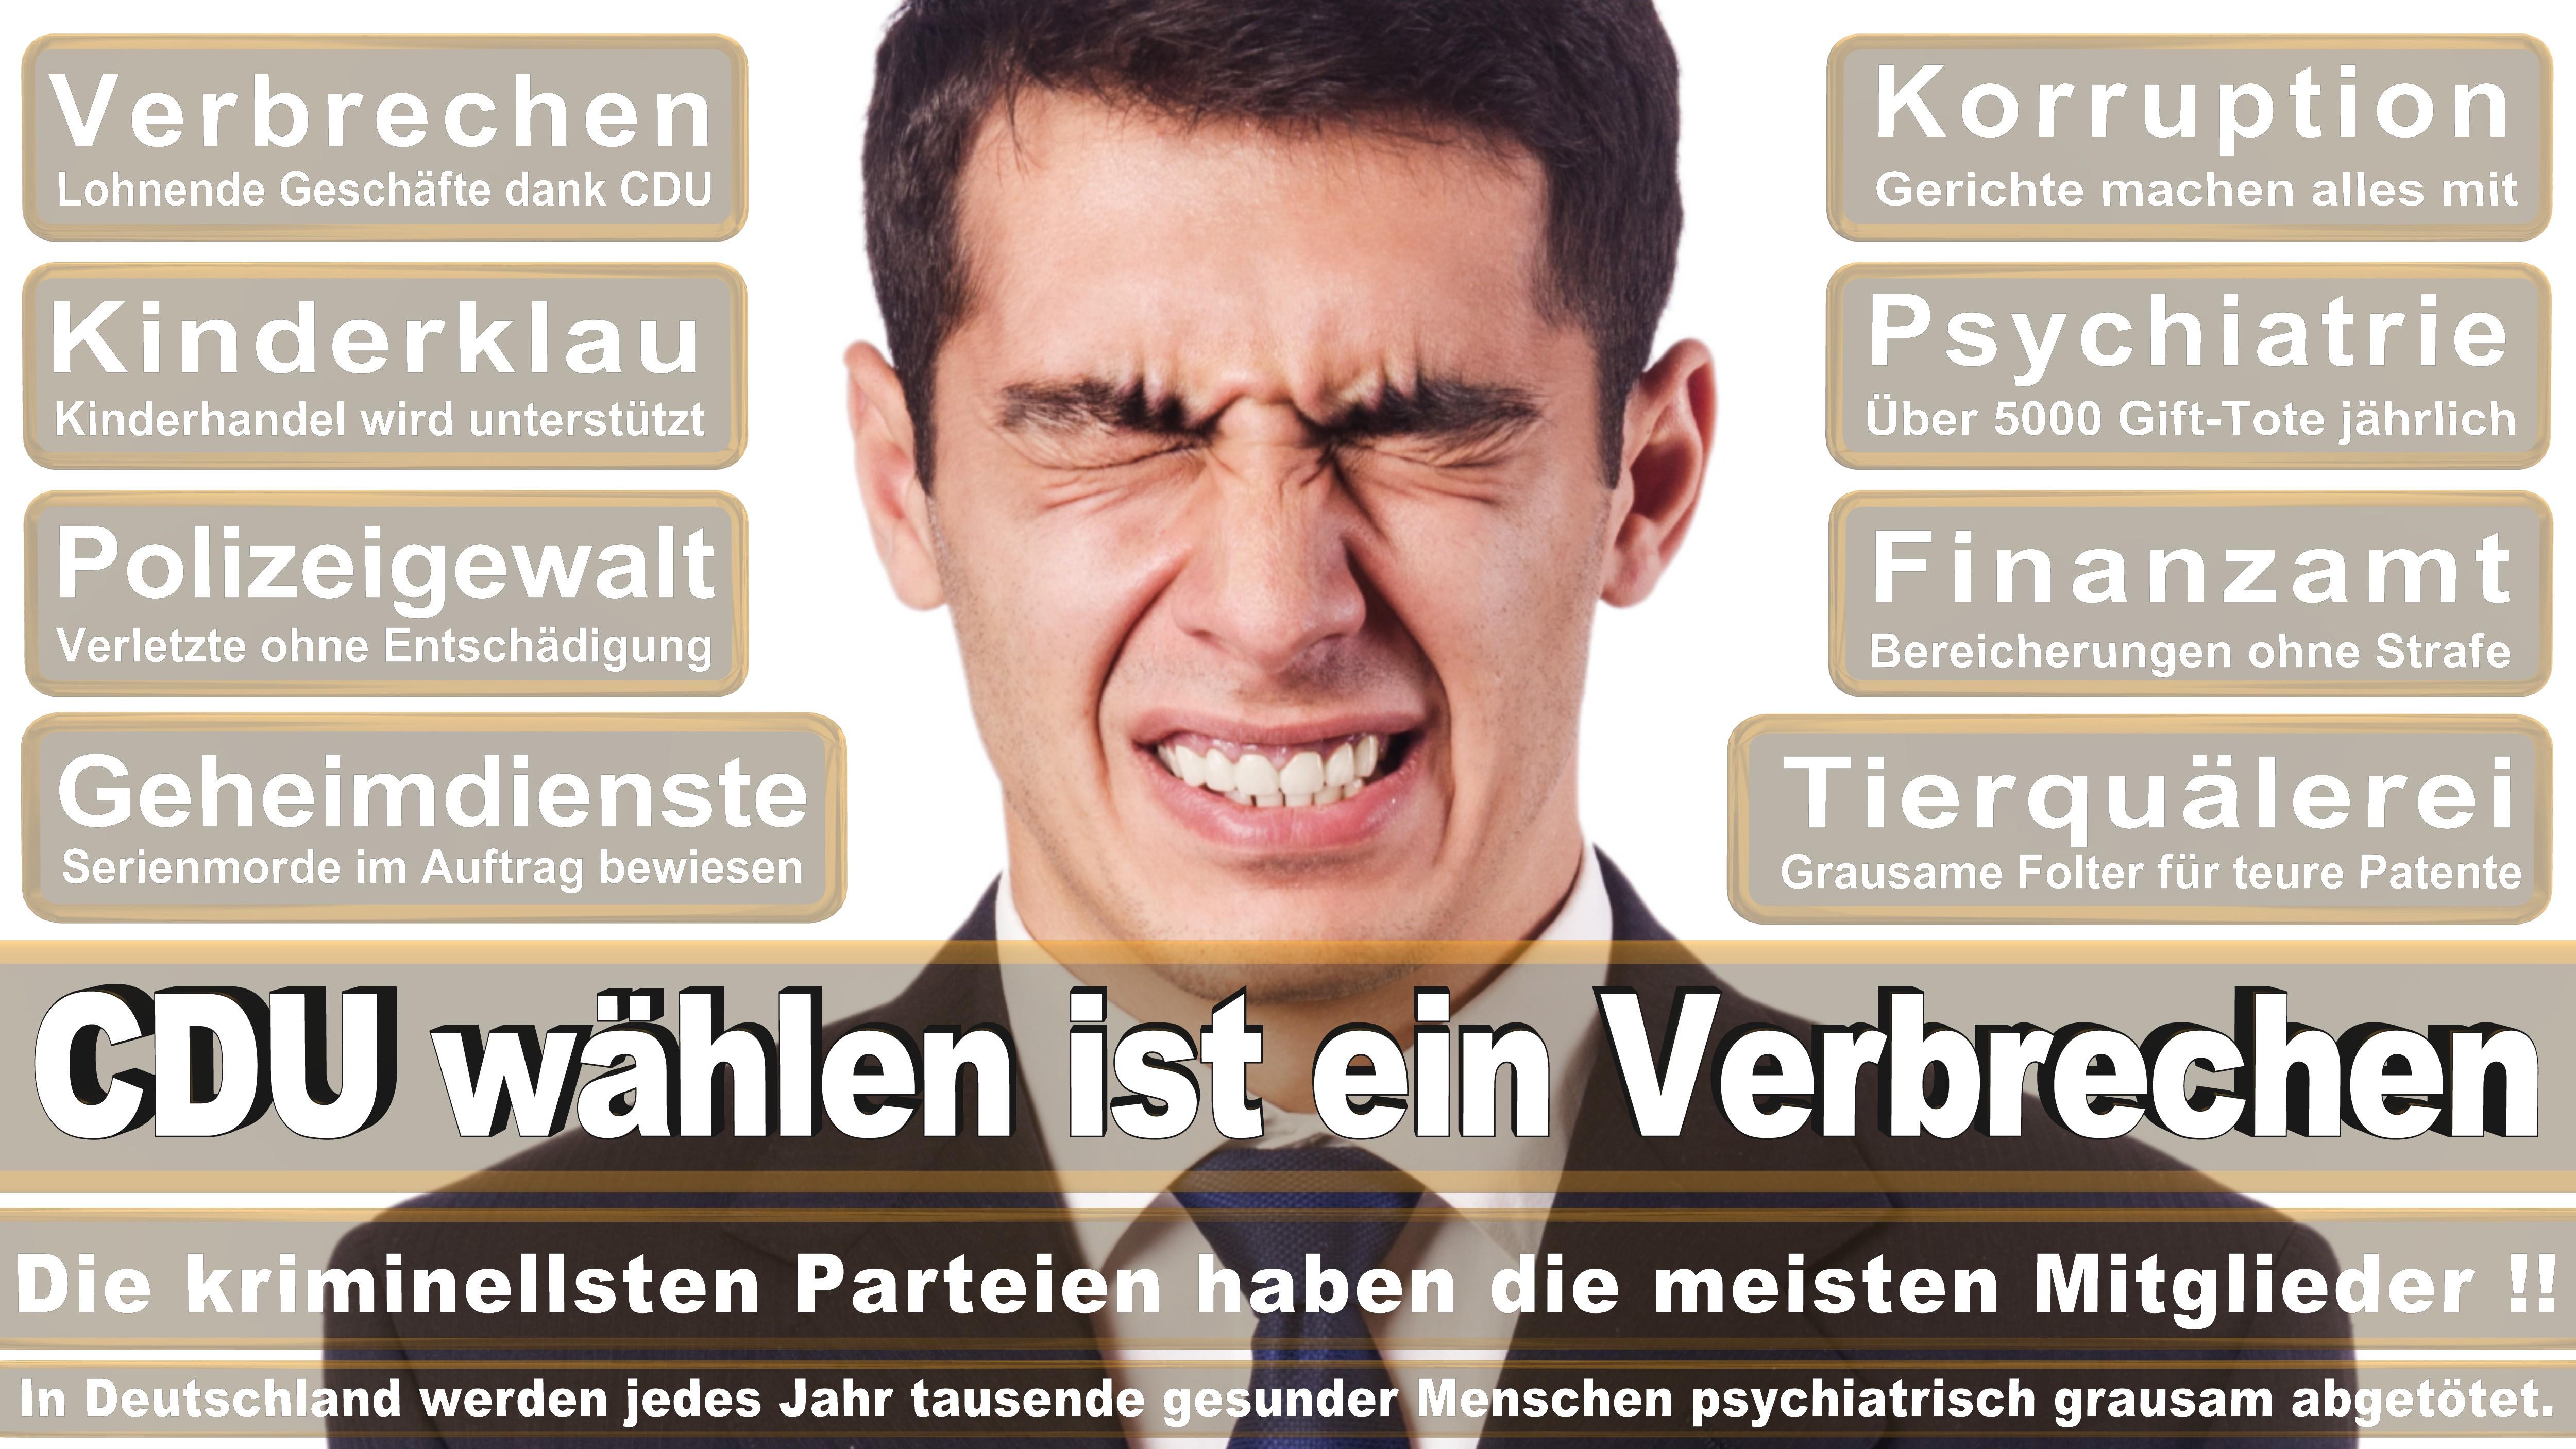 Karsten Möring CDU CSU Politiker